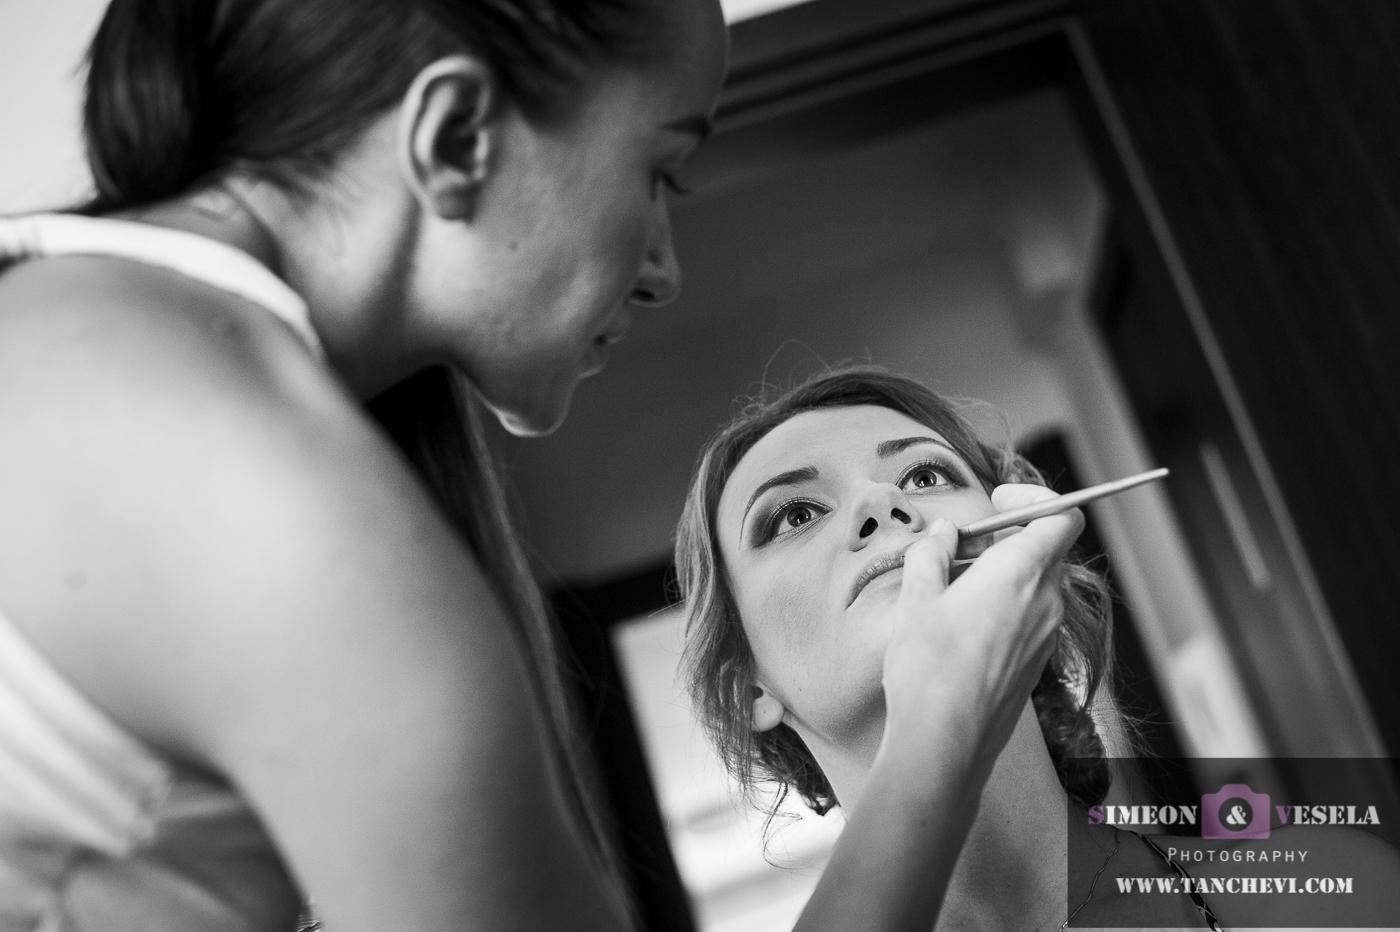 Избрани снимки от подготовката при сватбената фотография заснета от сватбен фтограф в Пловдив, София, Бургас, Варна 38